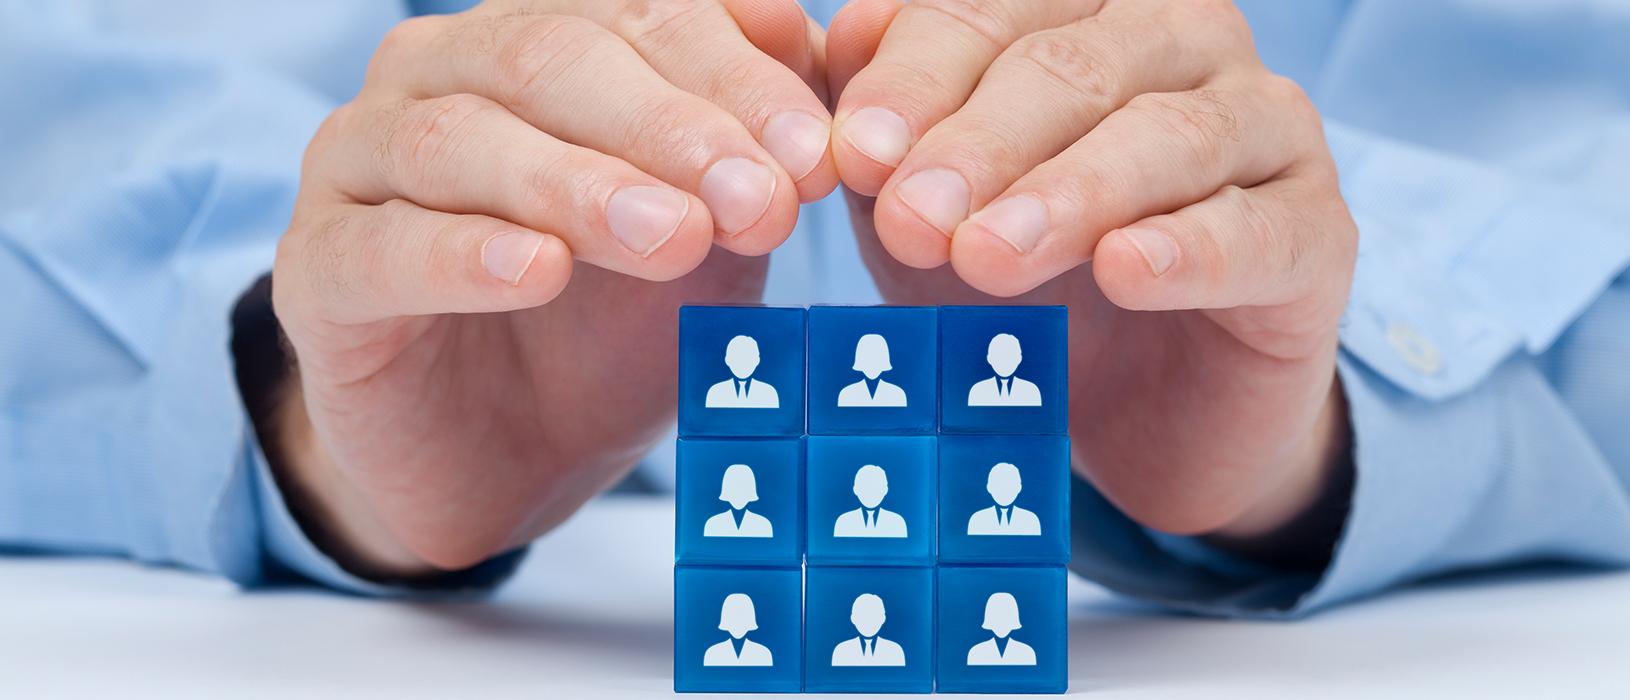 Die Kundenbeziehung in Corona-Krisenzeiten aufrecht zu erhalten bietet Herausforderungen und Chancen gleichermaßen. Quelle: iStock